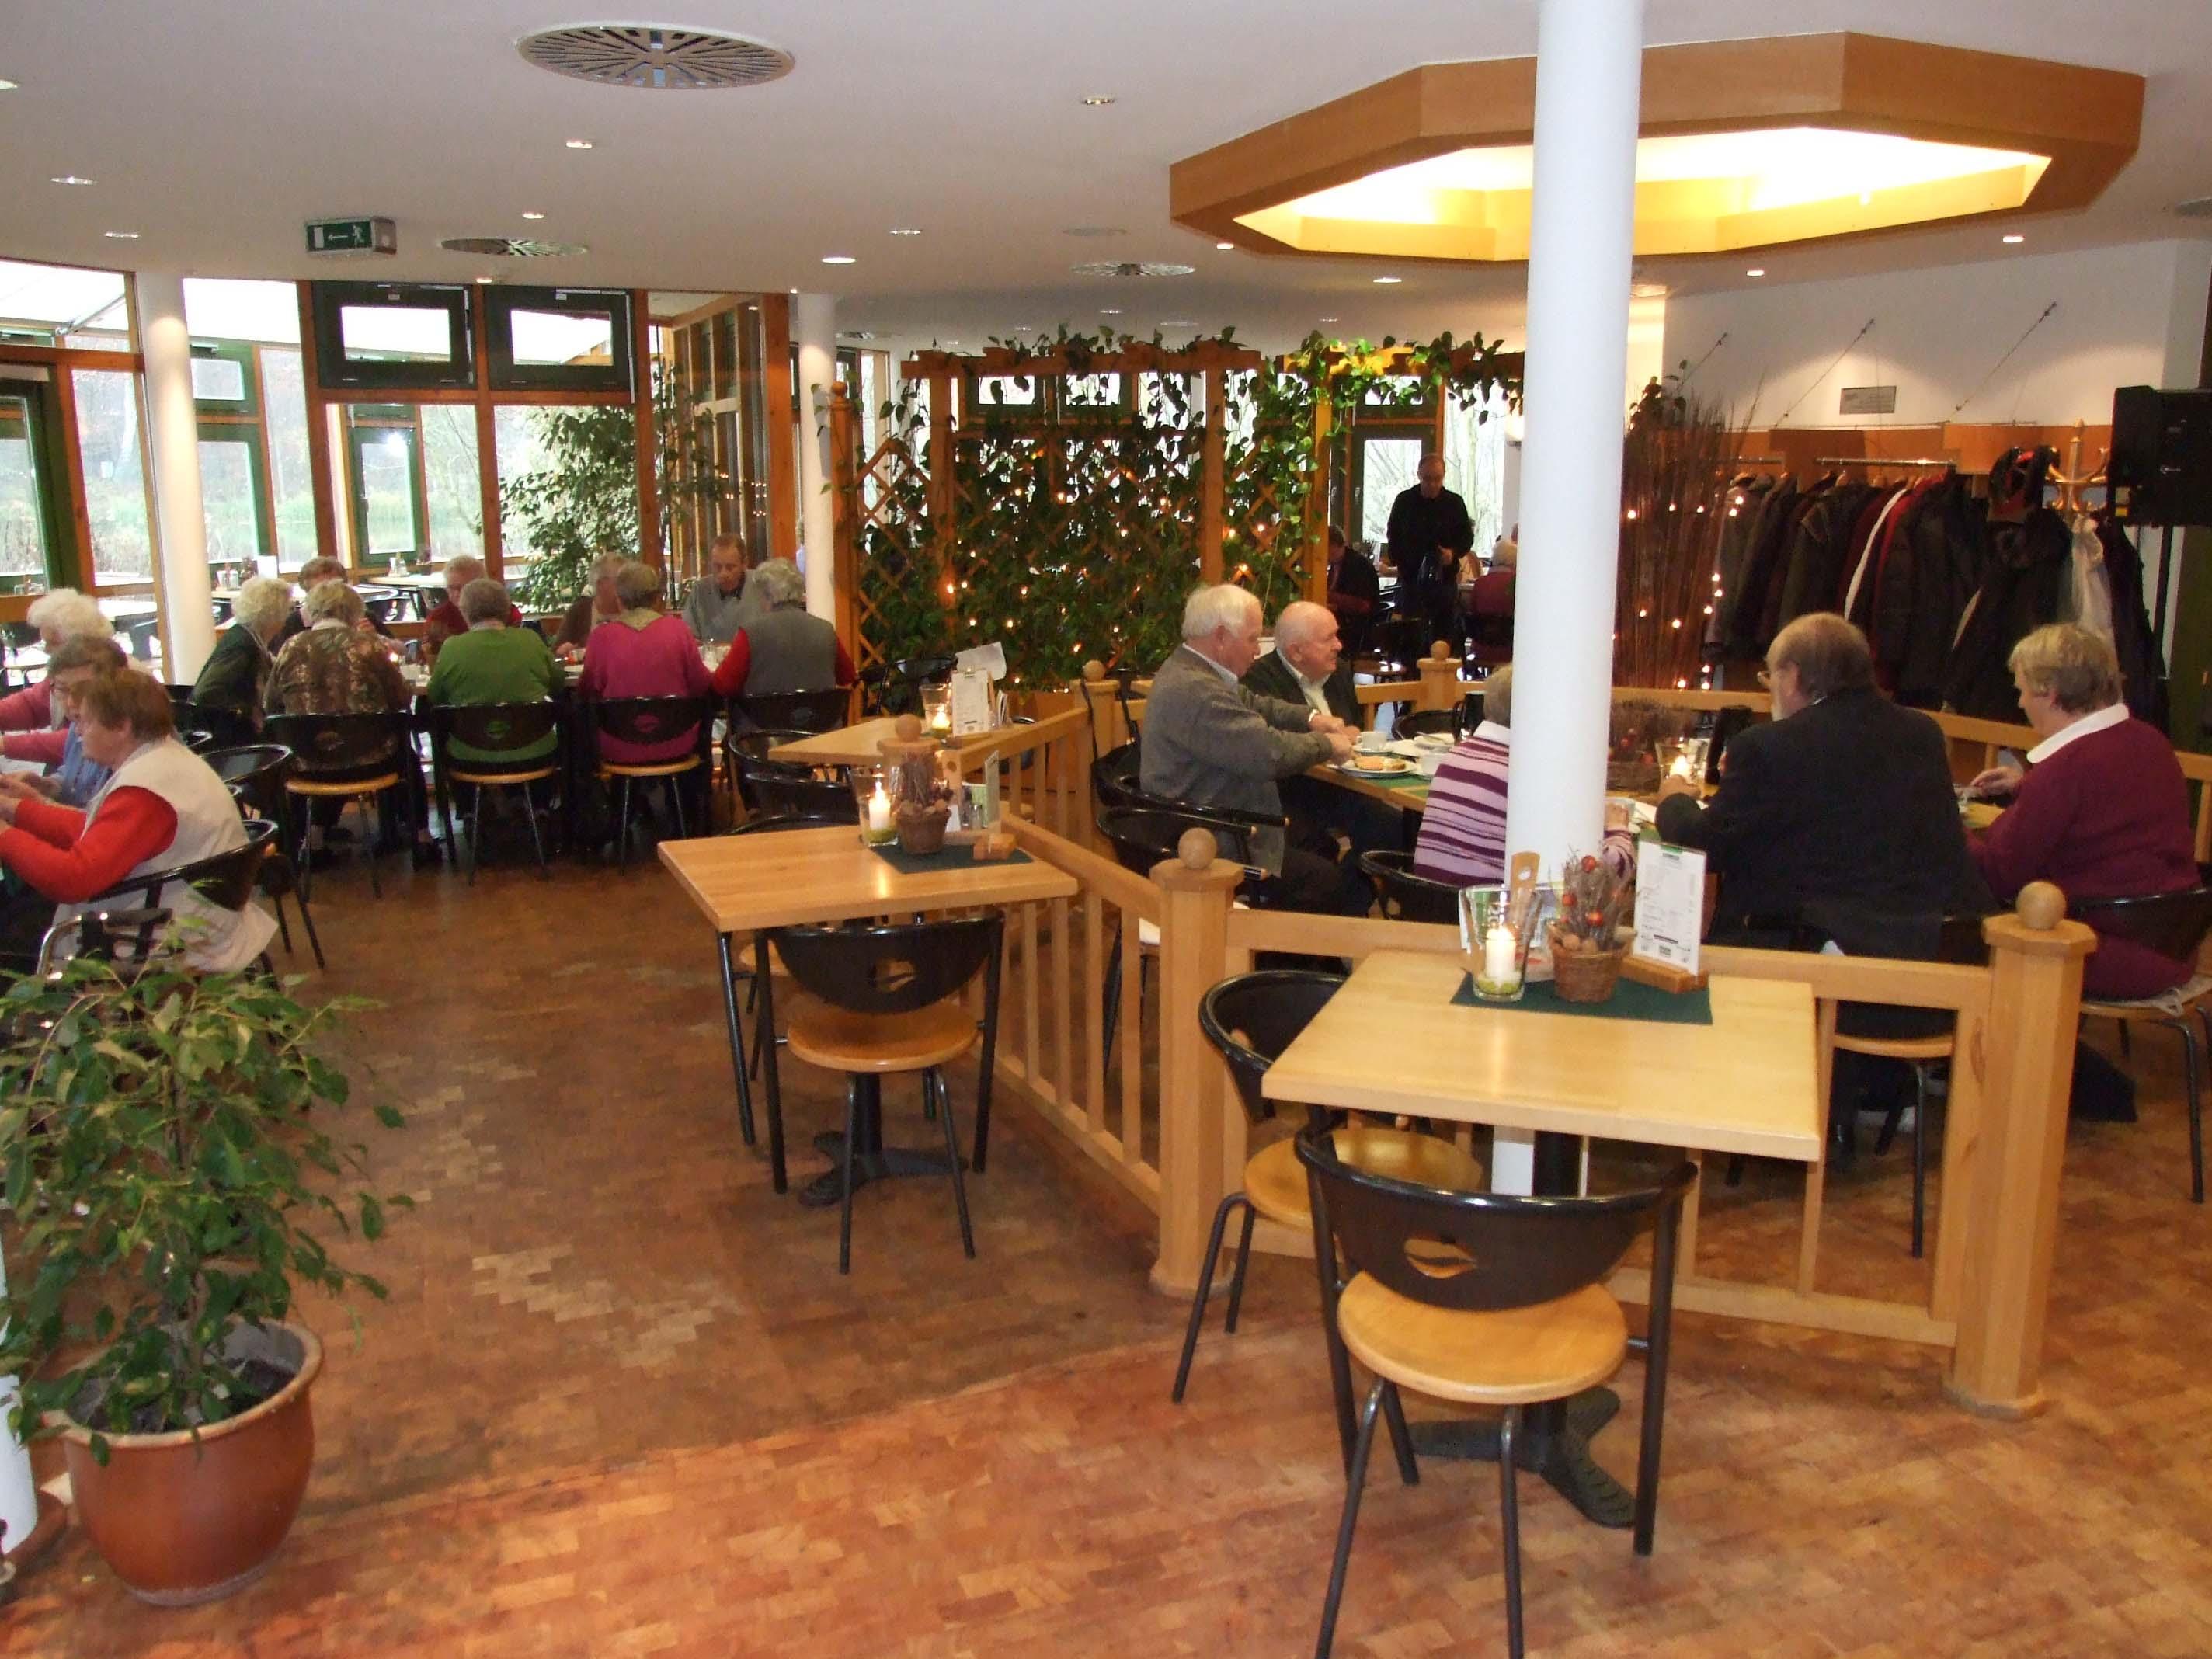 Das gemütliche Restaurant eignet sich sehr gut für Gruppen-Events und Familienfeiern.